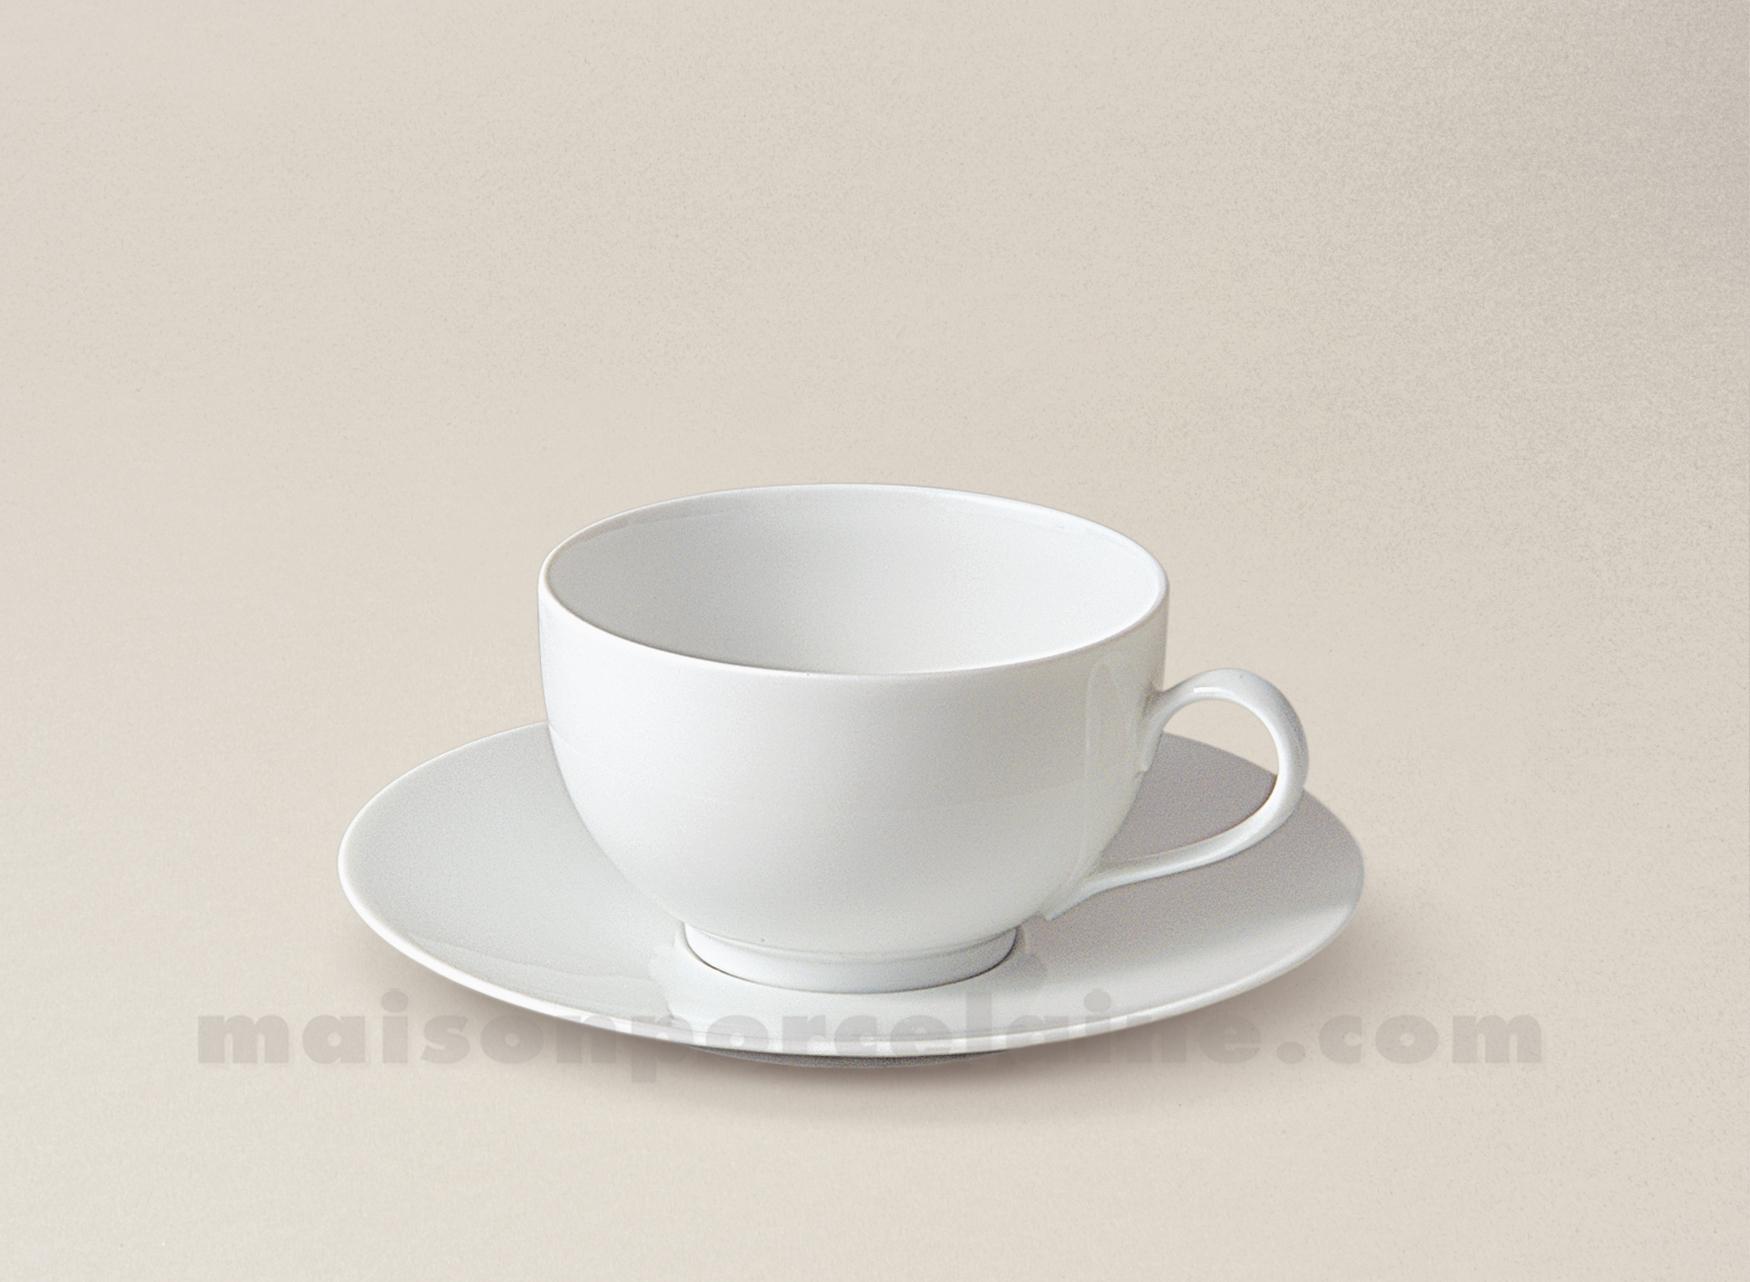 Maison De La Porcelaine Blanche #9: TASSE CAFE+SOUCOUPE LIMOGES PORCELAINE BLANCHE ENVIE 14CL